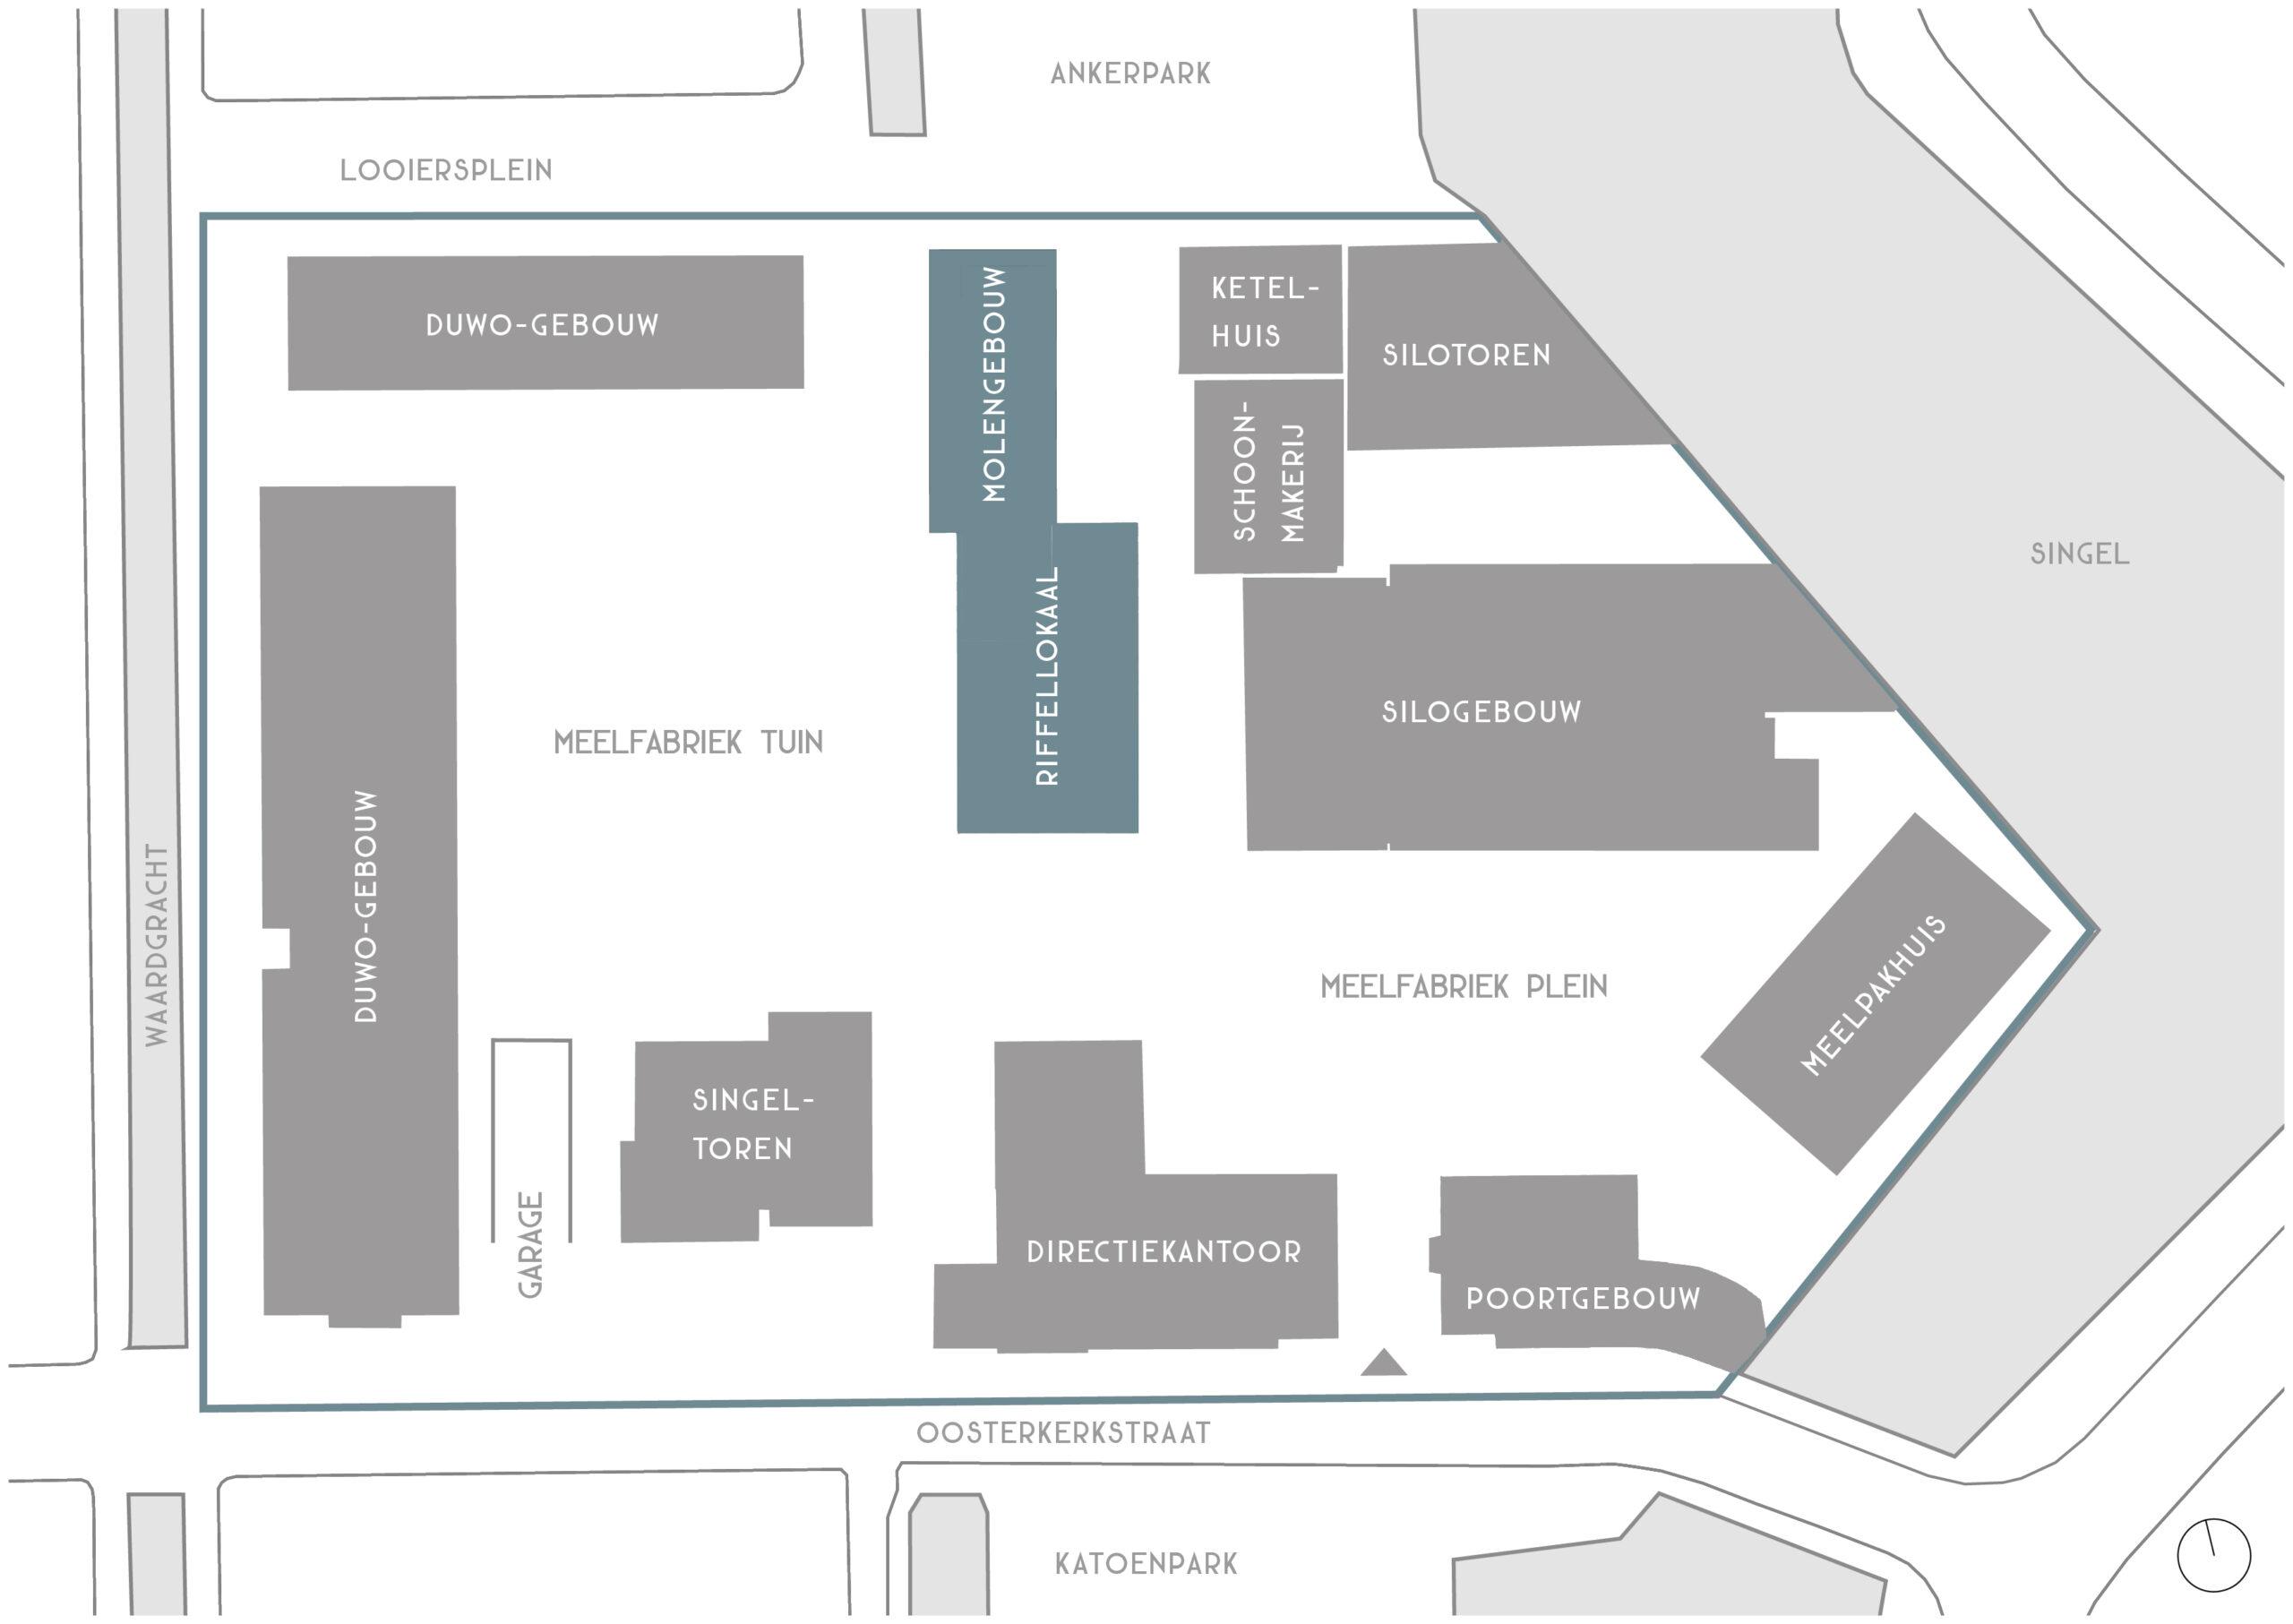 Overzicht Molengebouw en Riffellokaal De Meelfabriek